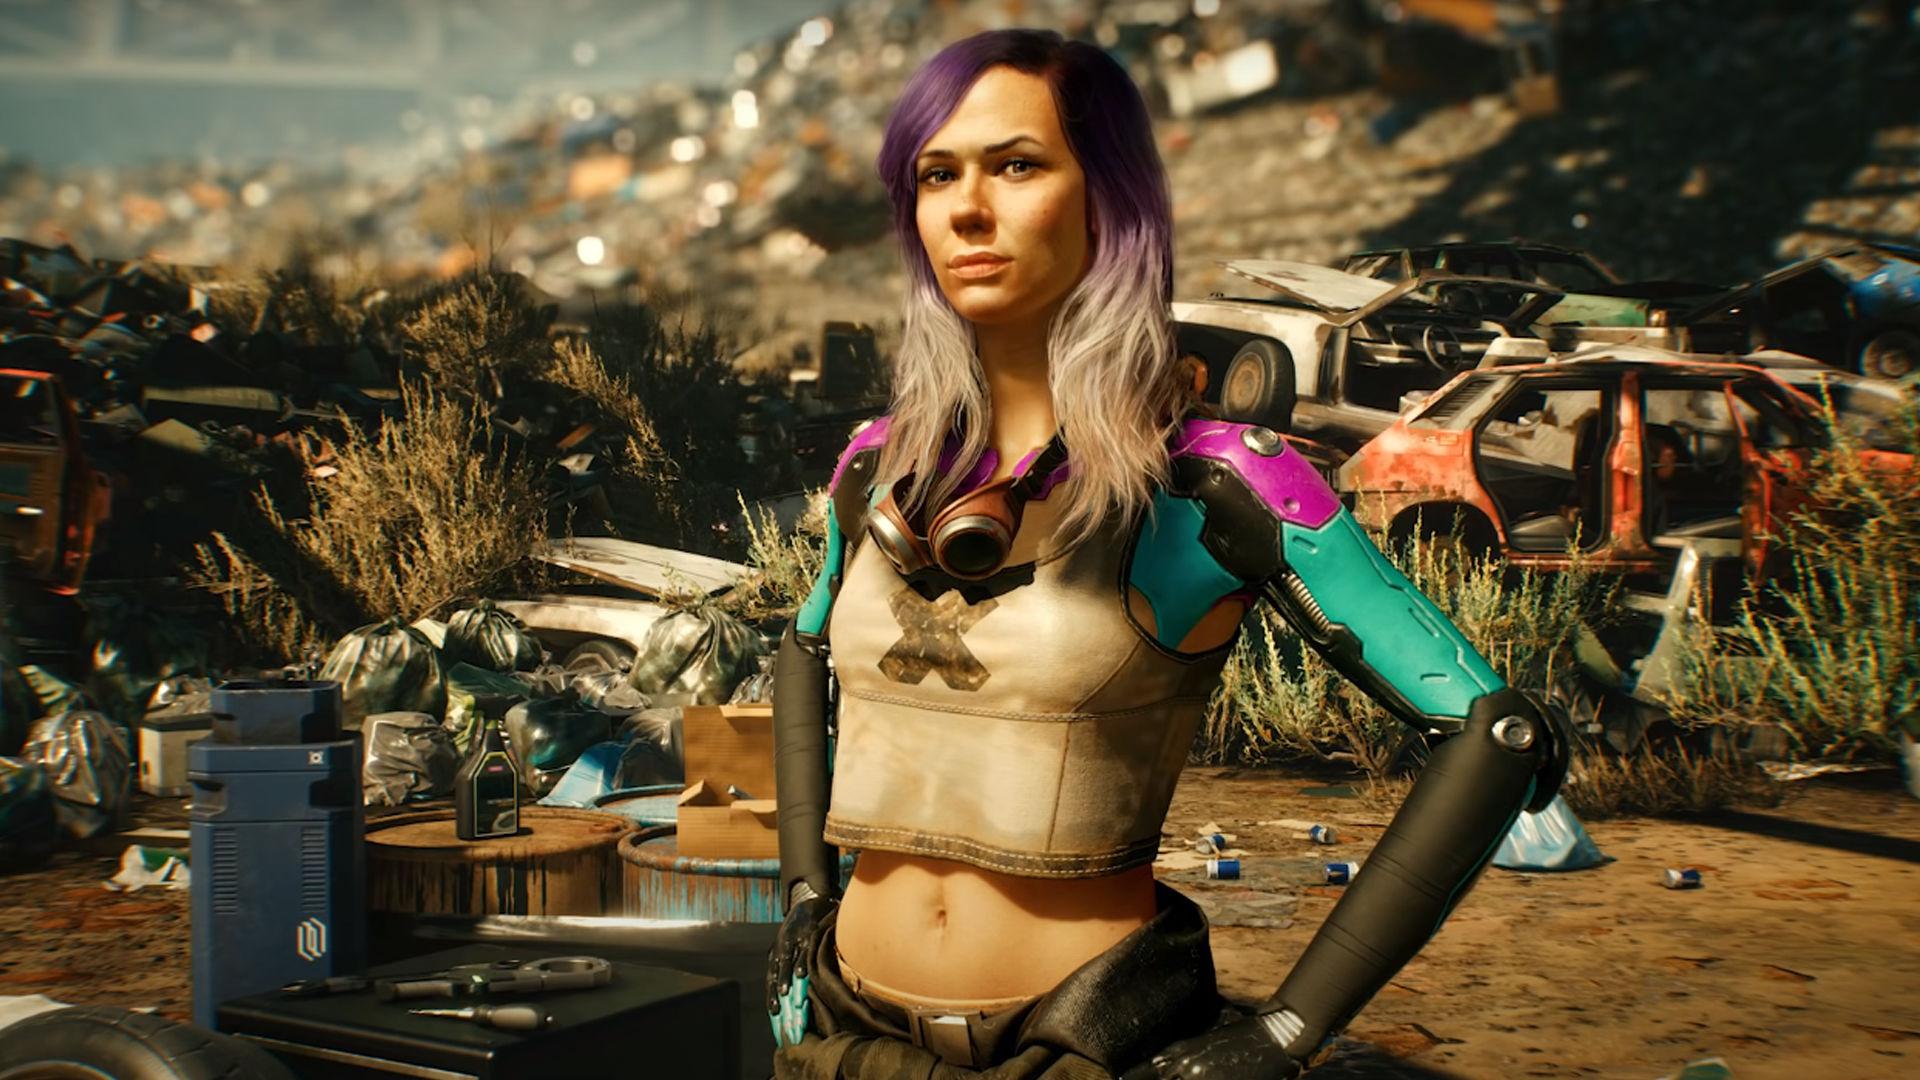 Ünlü Youtuber Cyberpunk 2077 NPC'si oluyor